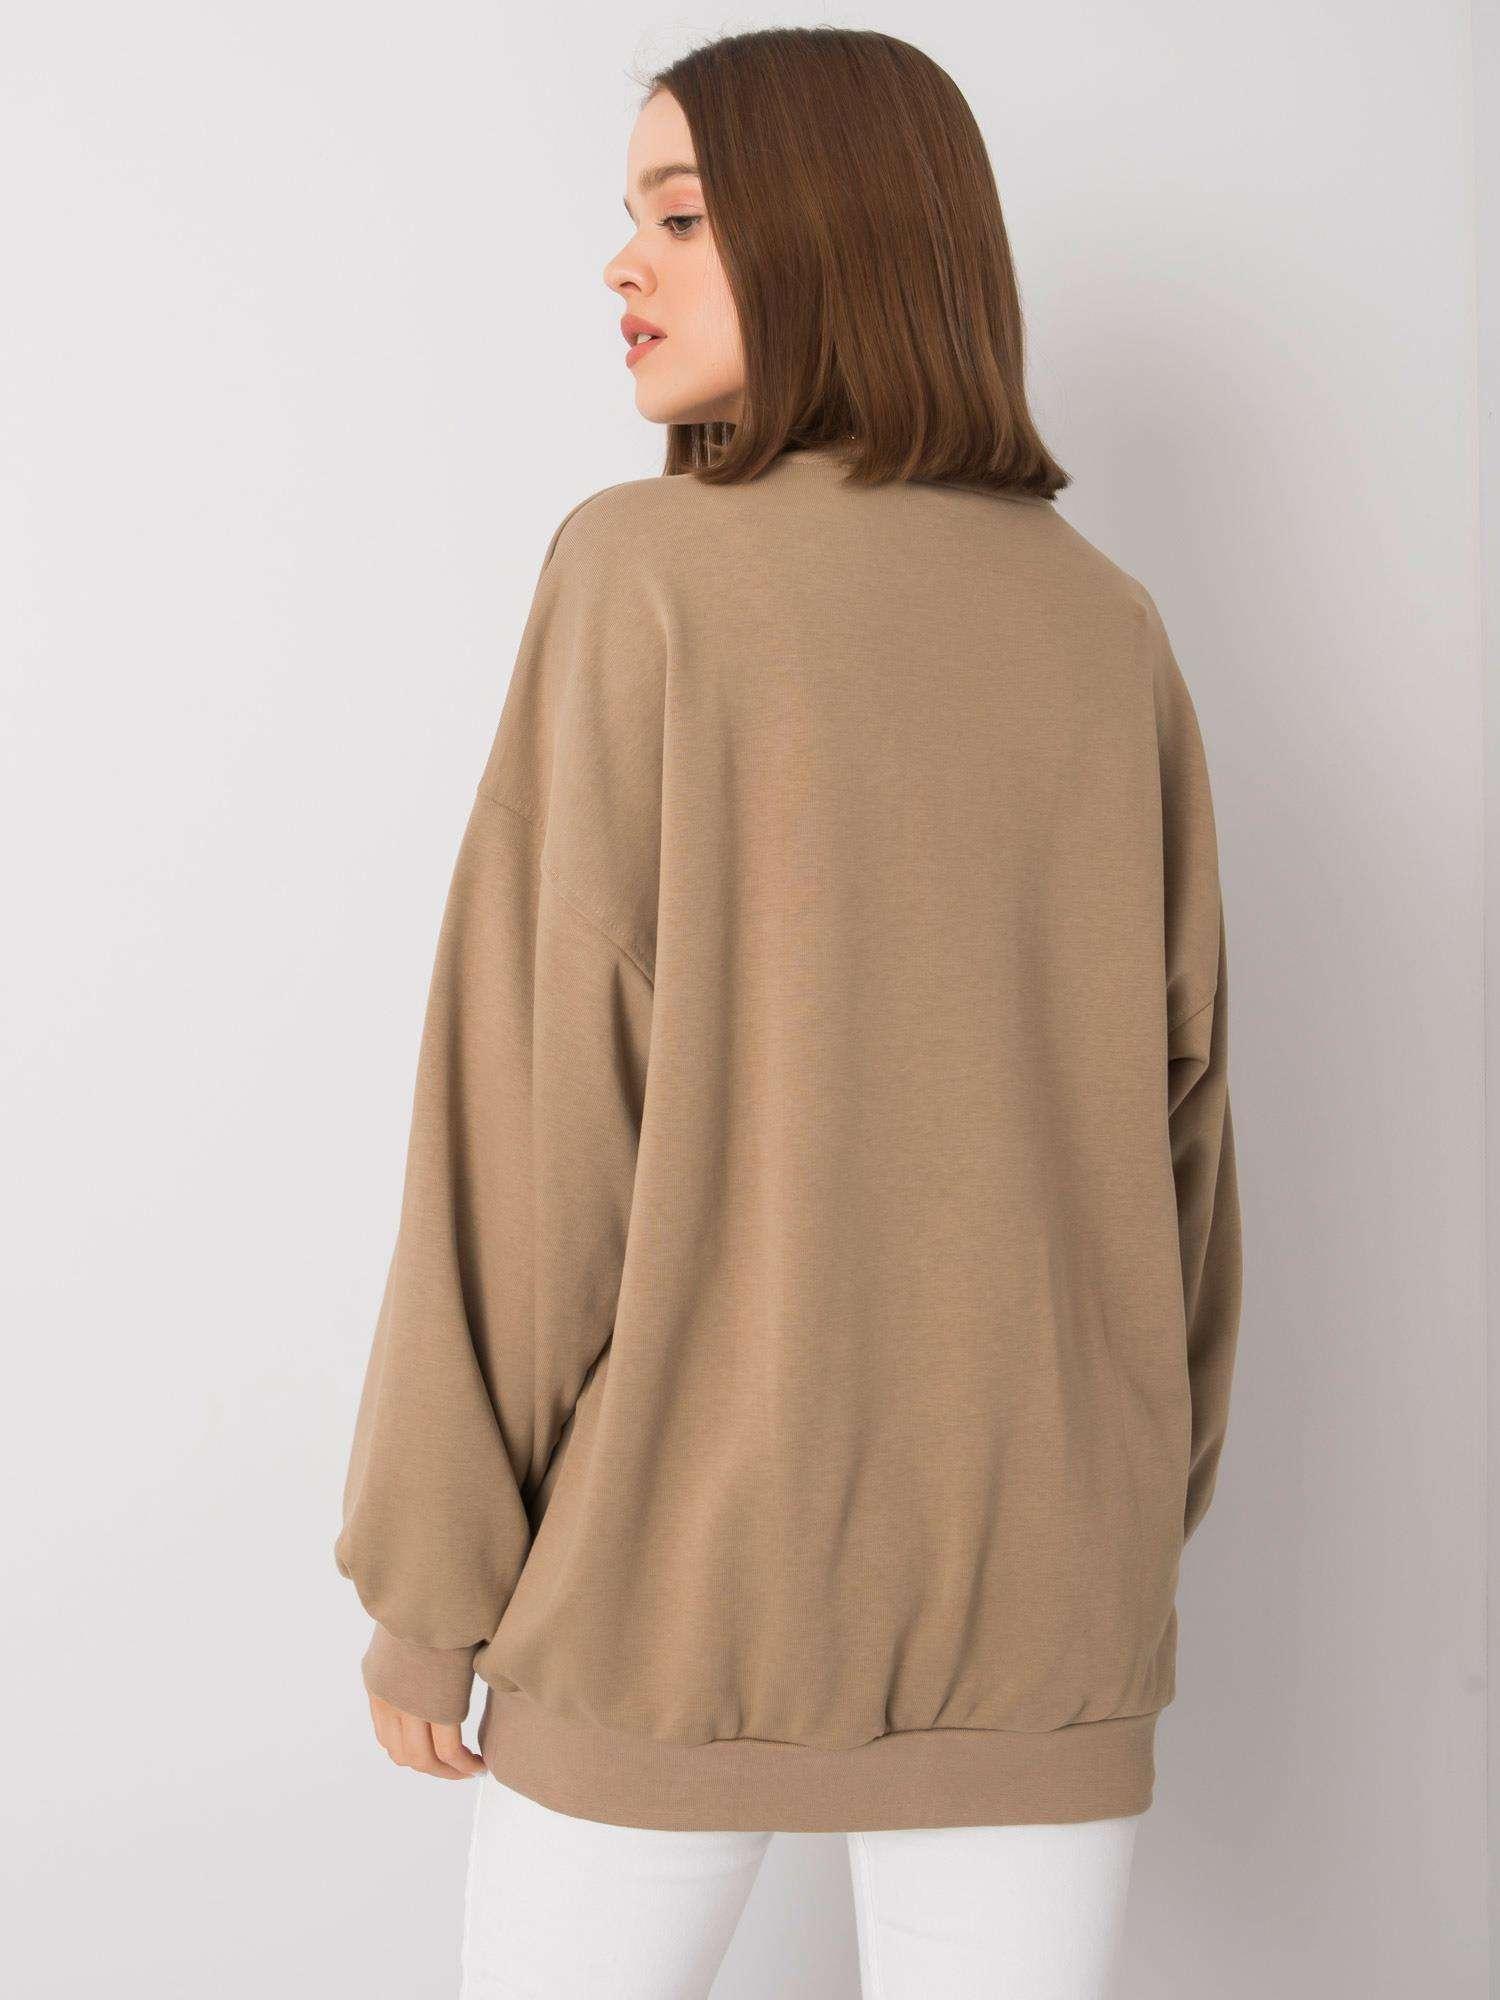 Sweatshirt in Beige mit goldener  Stickerei Rückansicht